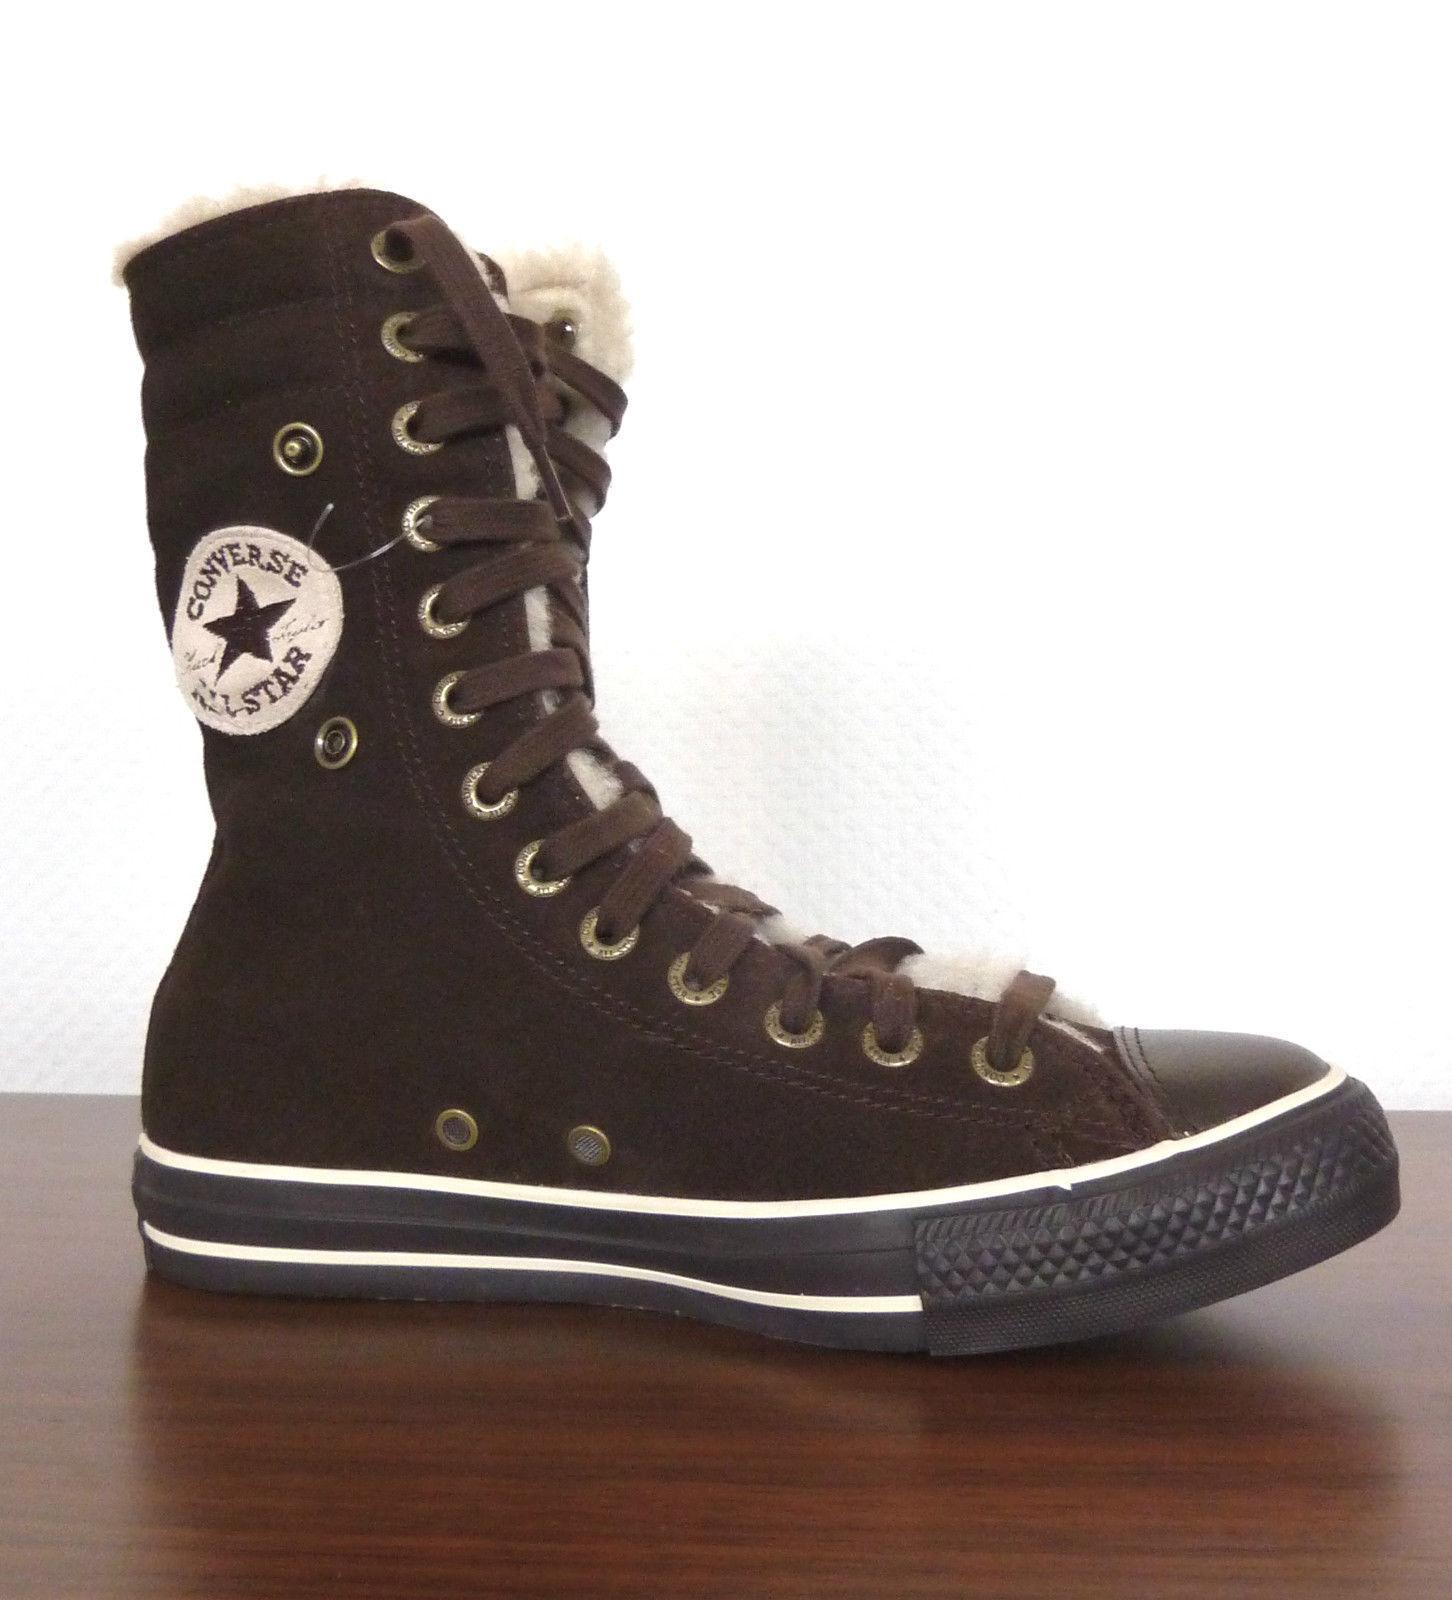 Neu All Star Converse Chucks XHI Knee Leder gefüttert Schuhe Gr.36 111514